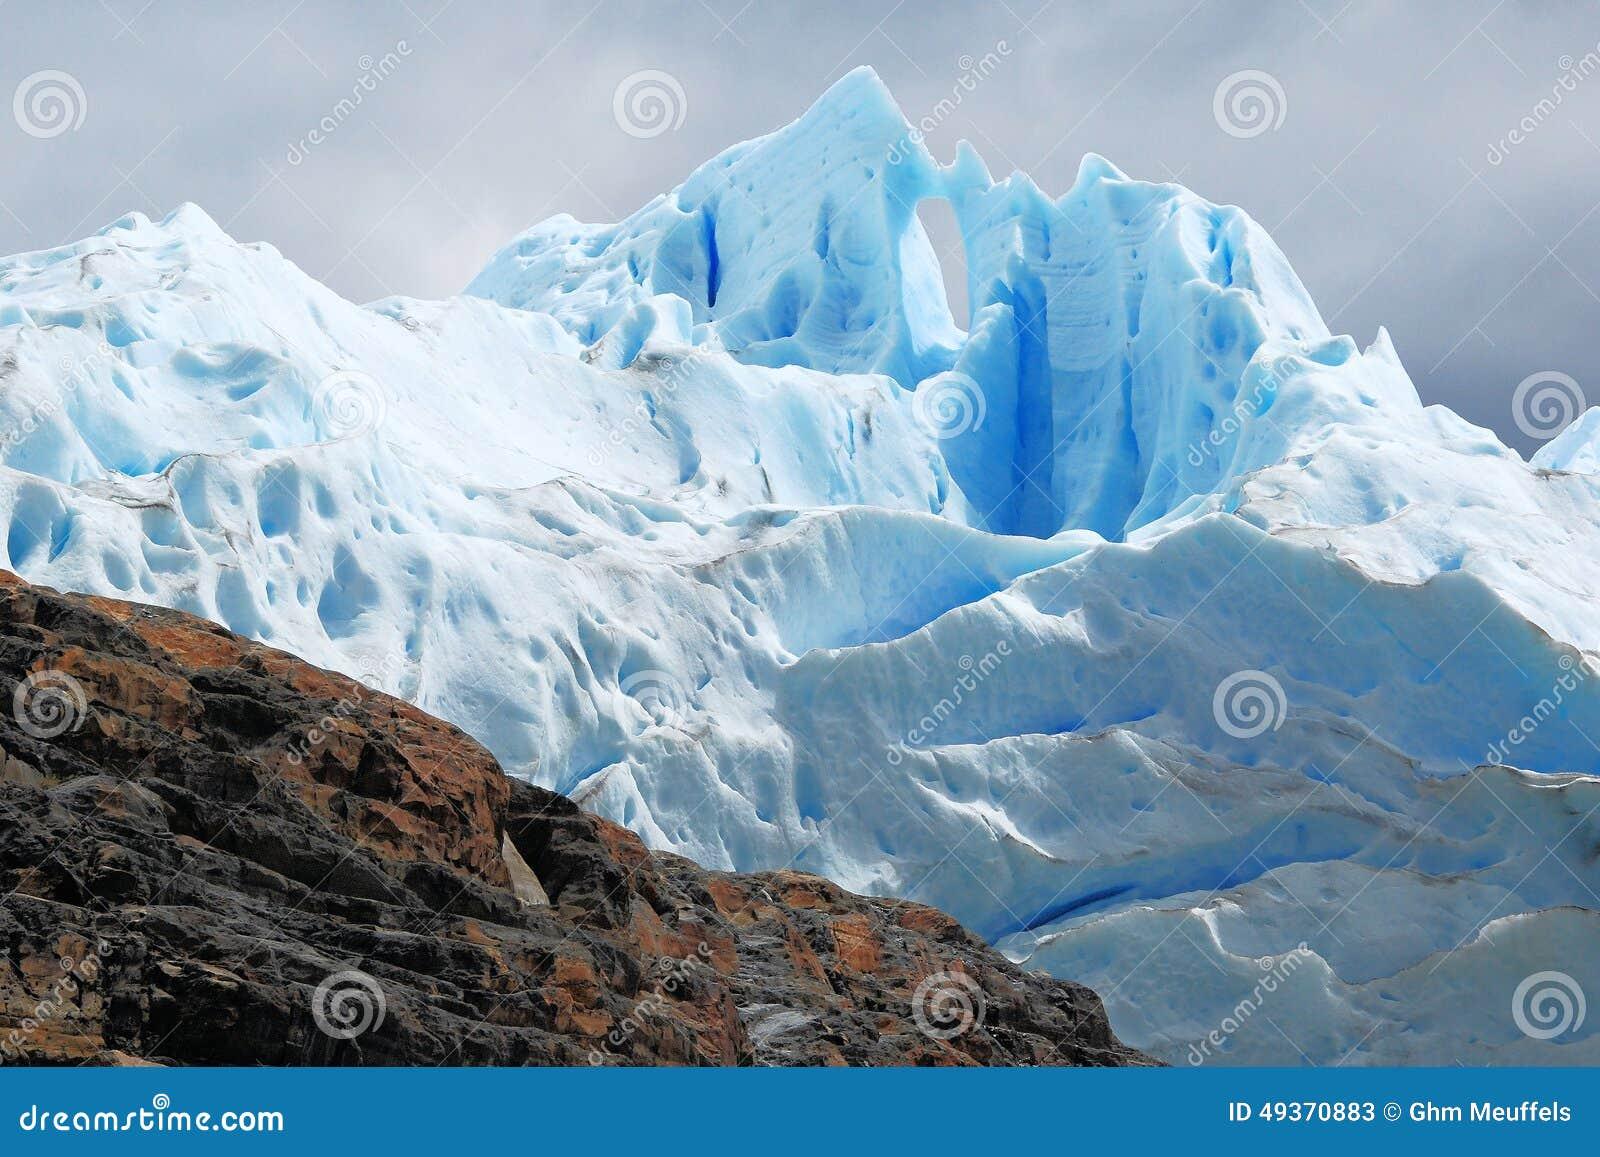 Glacial ice Perito Moreno Glacier - National Park Los Glaciares - Argentina